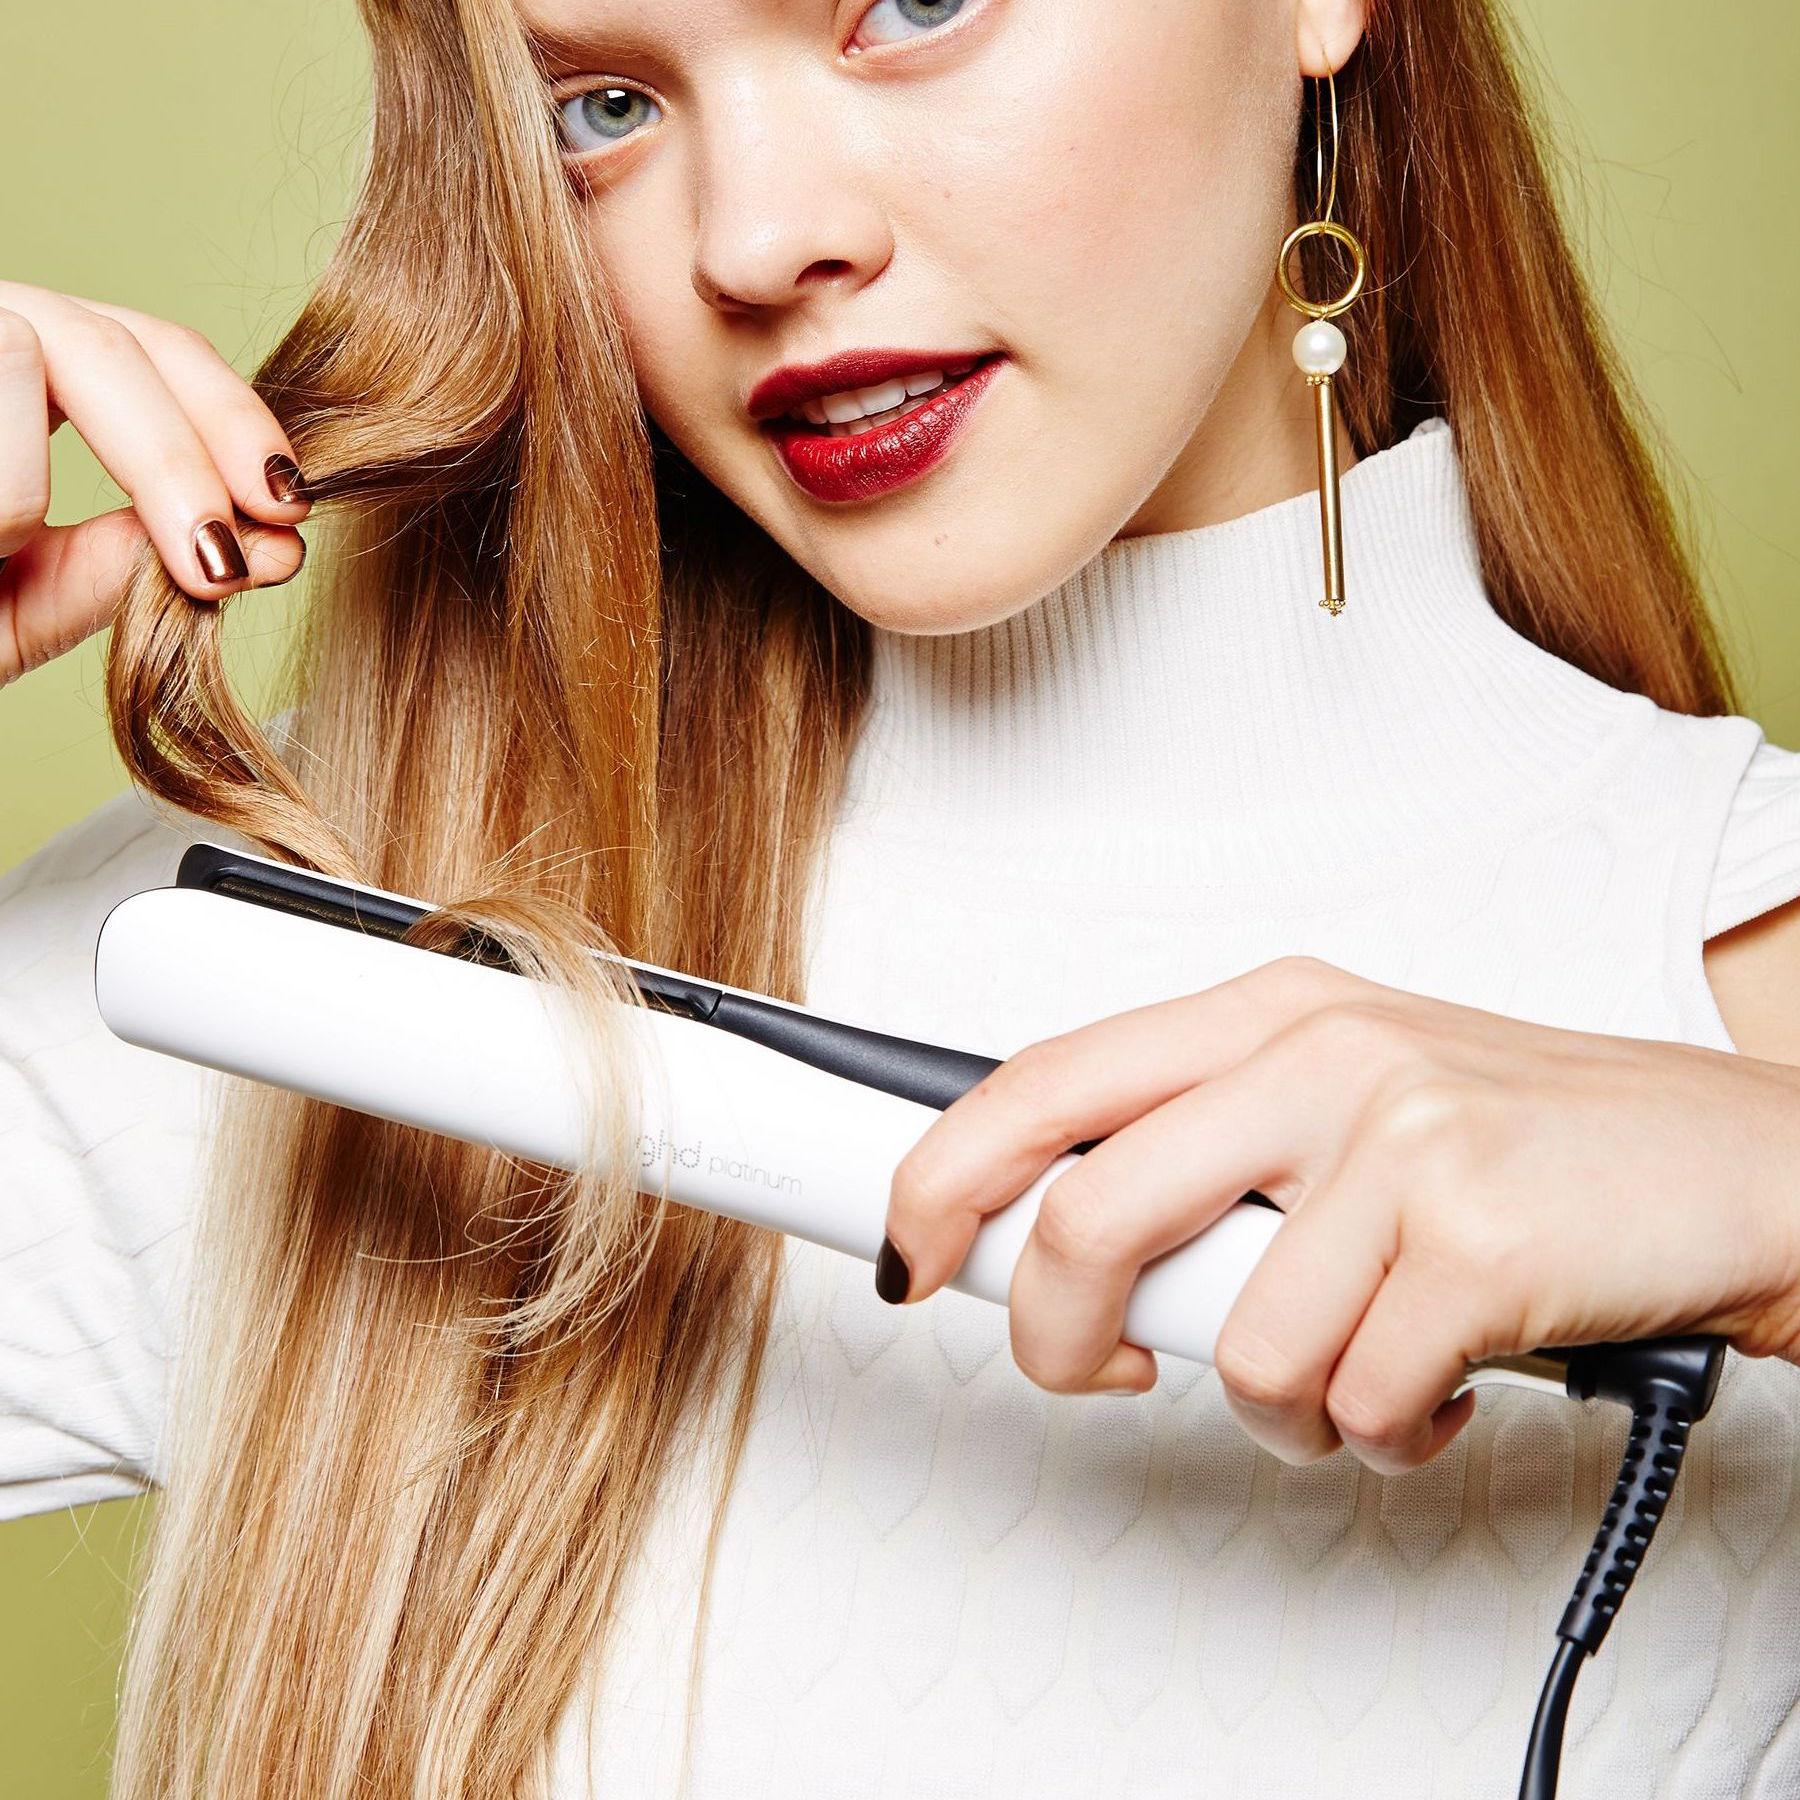 Uốn/ duỗi thường xuyên có thể khiến tóc mất đi độ ẩm tự nhiên